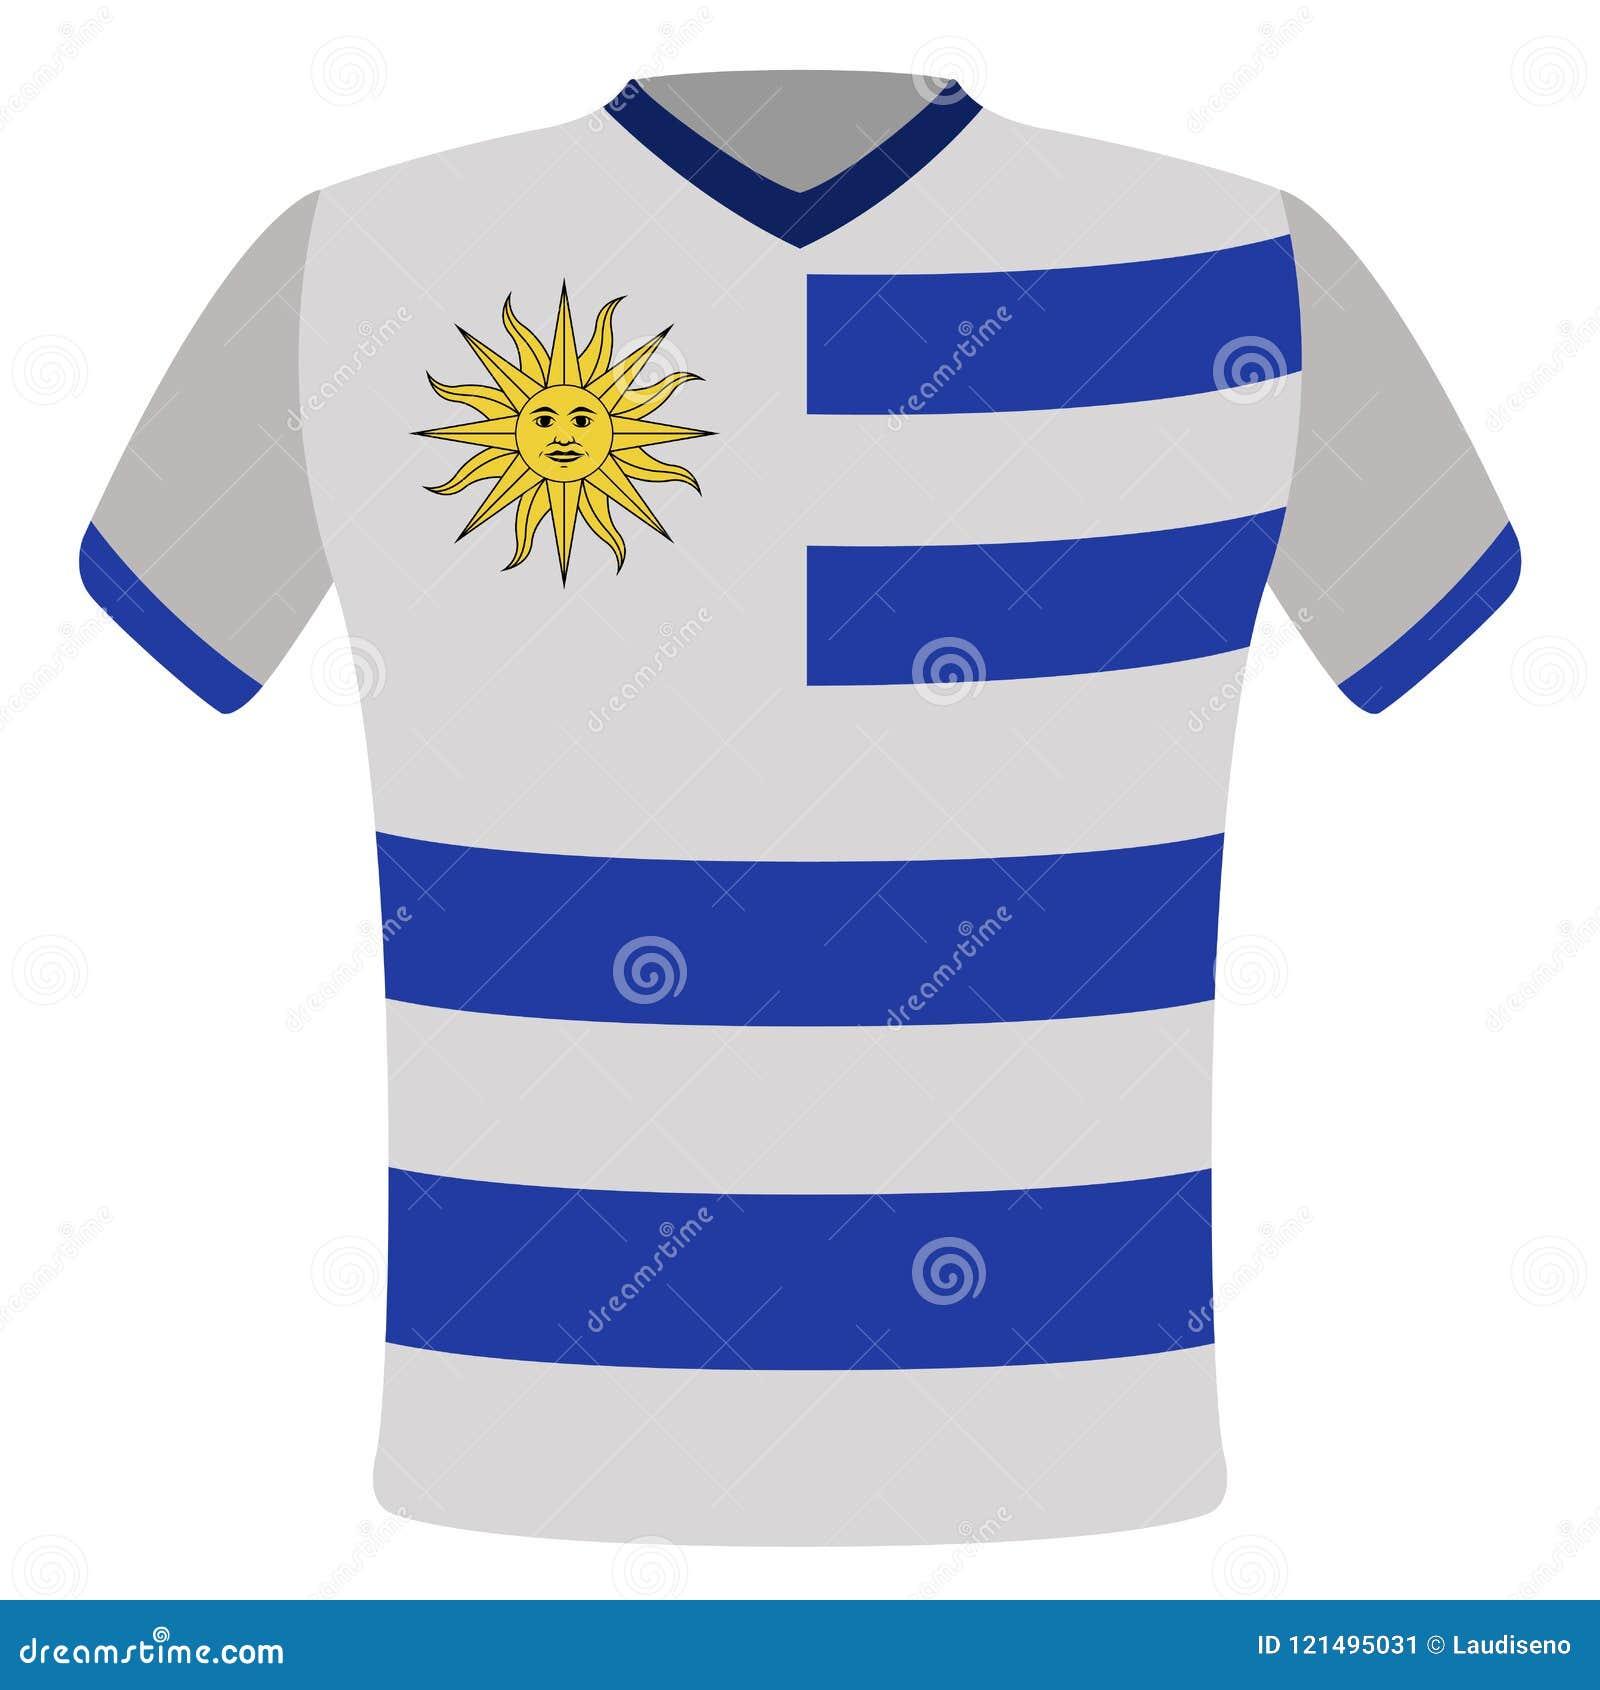 684e24dc22d Flag t-shirt of Uruguay stock vector. Illustration of flag - 121495031